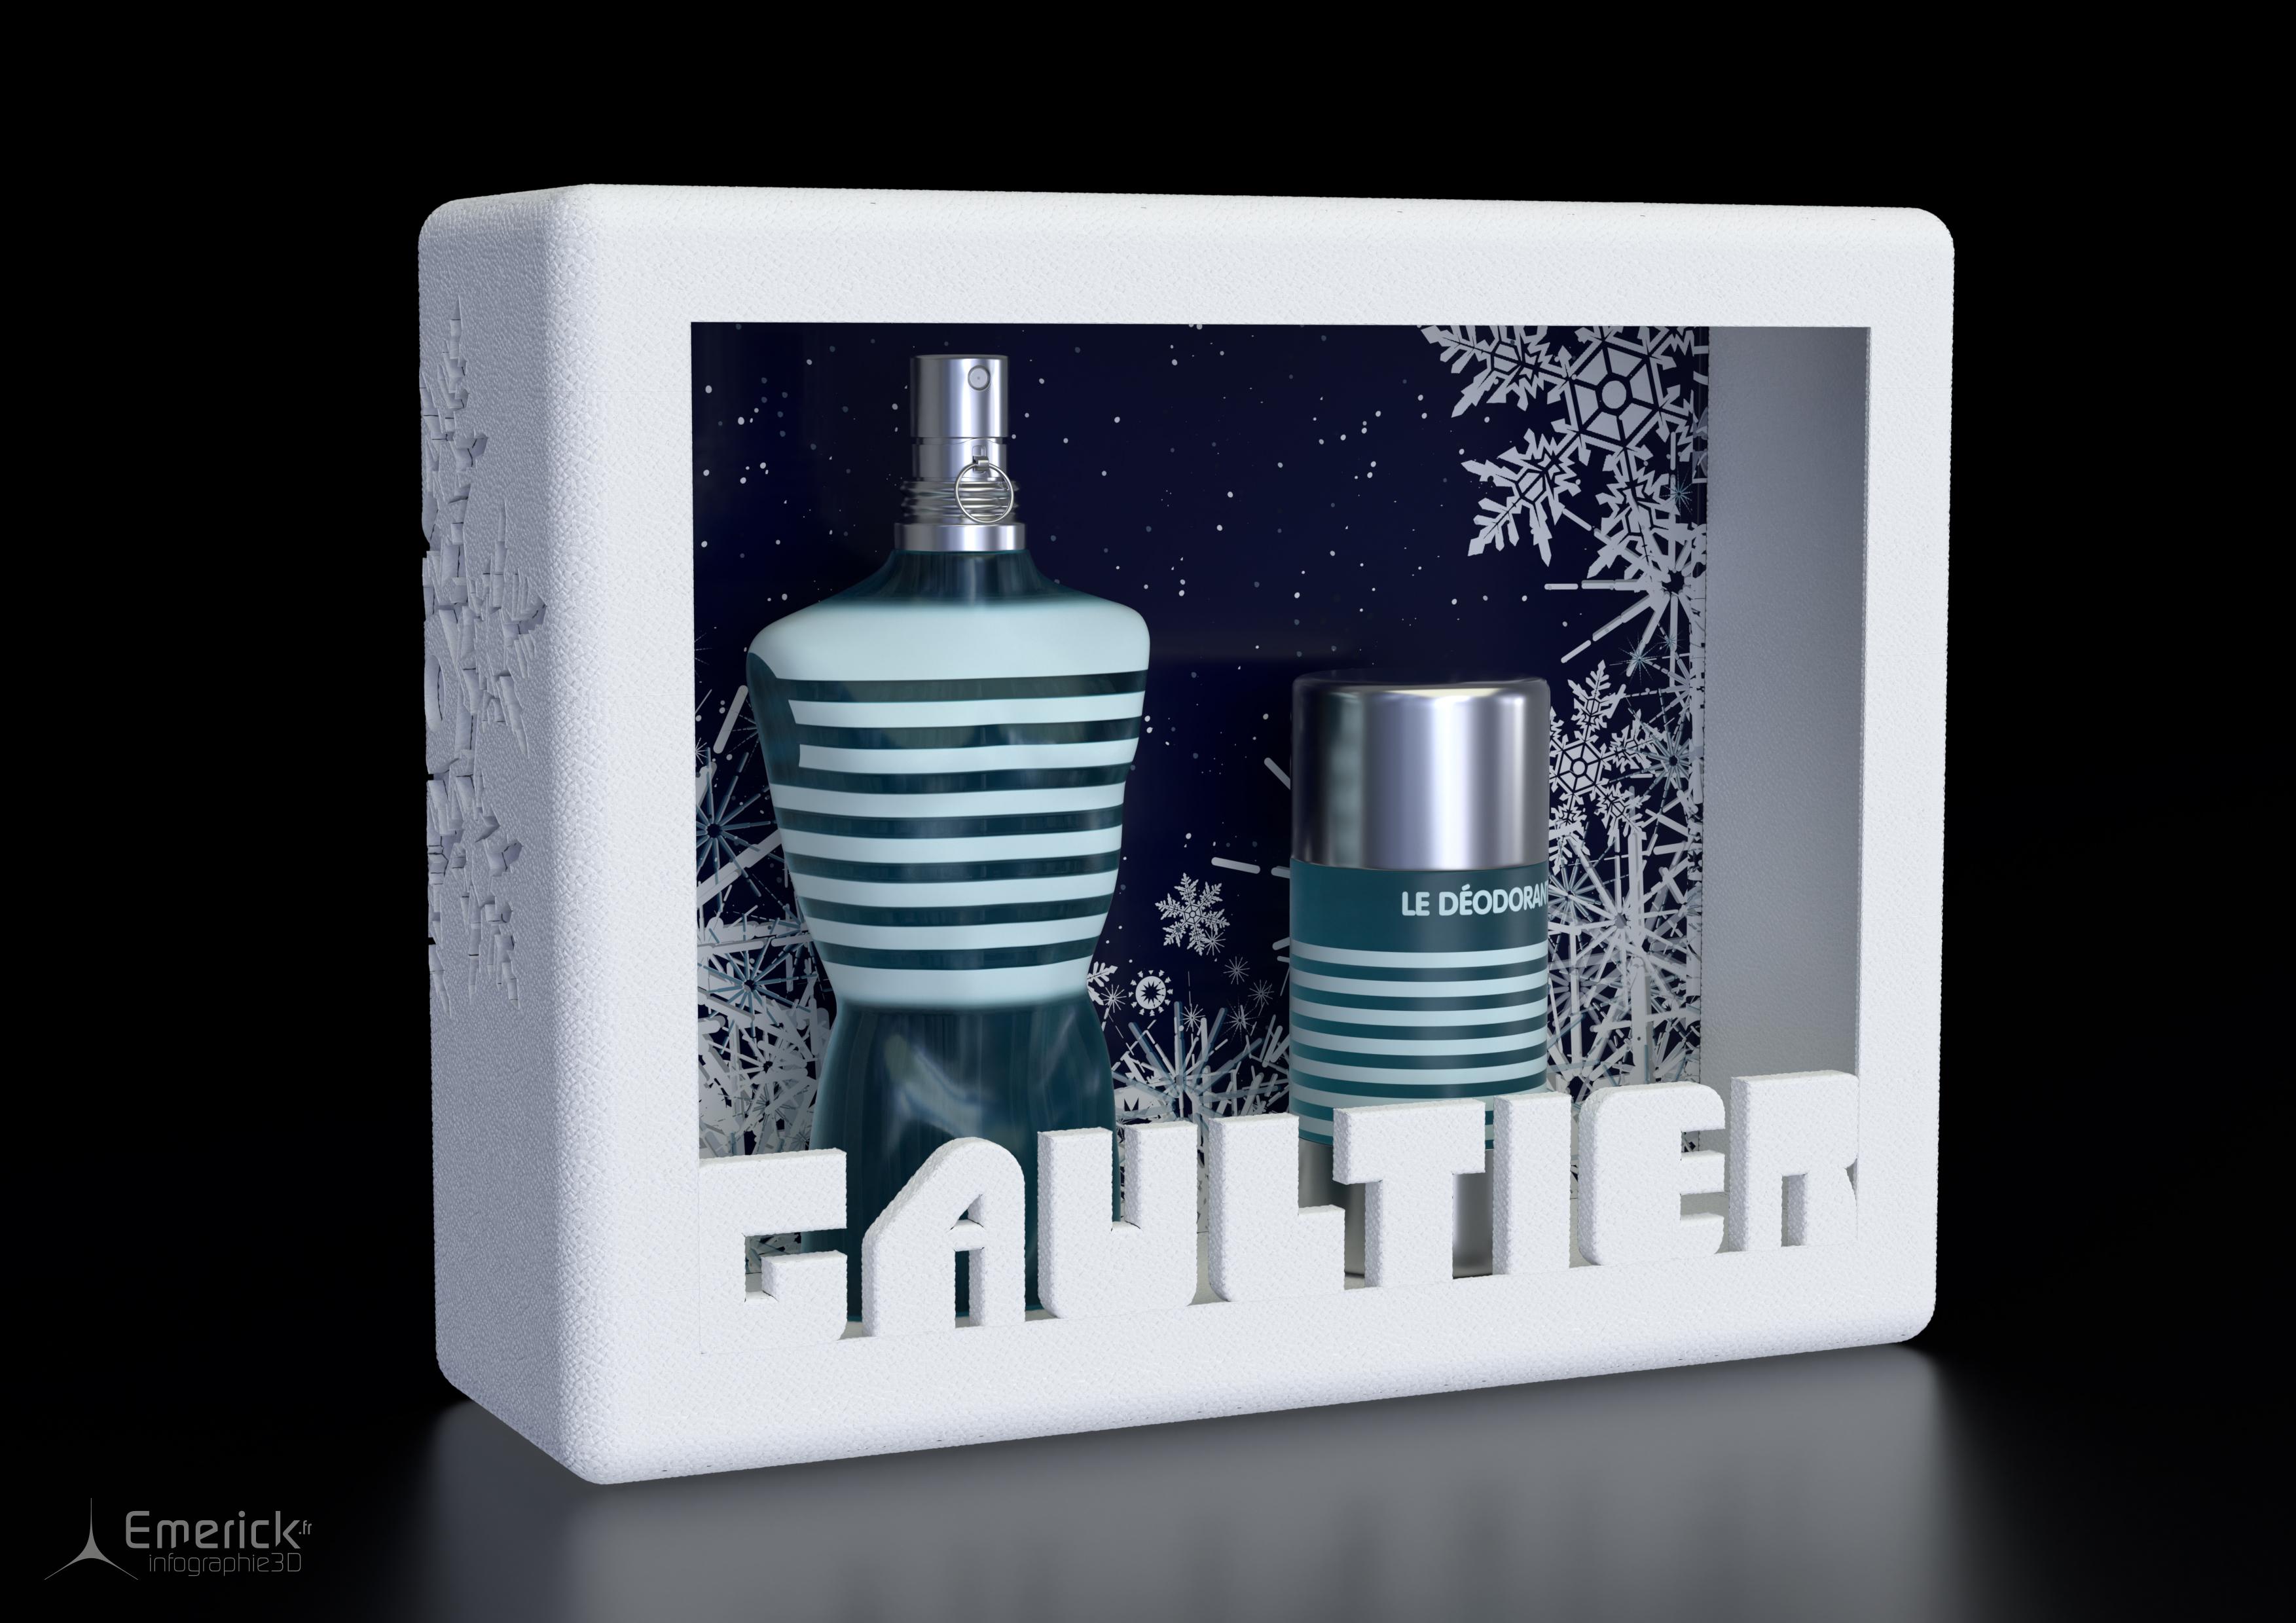 Gaultier